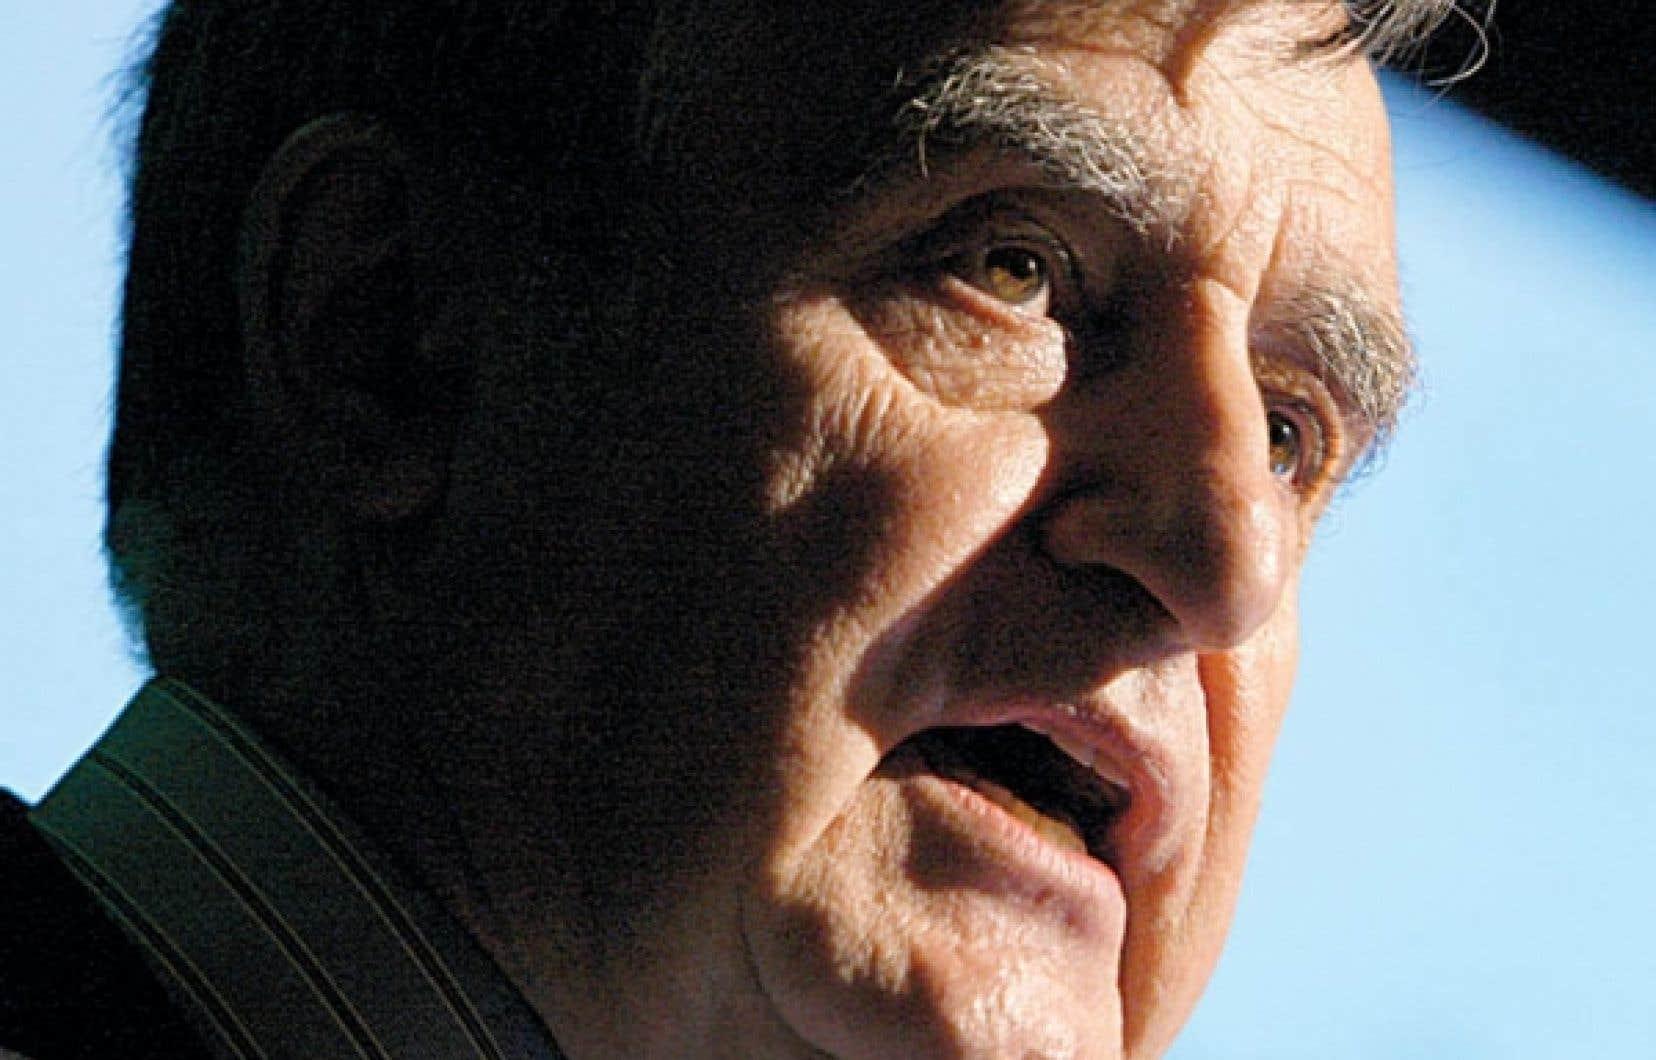 Lucien Bouchard a prononcé un discours devant l'Association pétrolière et gazière du Québec, dont il est le président. «Le rejet à l'aveugle n'est pas une solution», a-t-il dit à propos des gaz de schiste.<br />